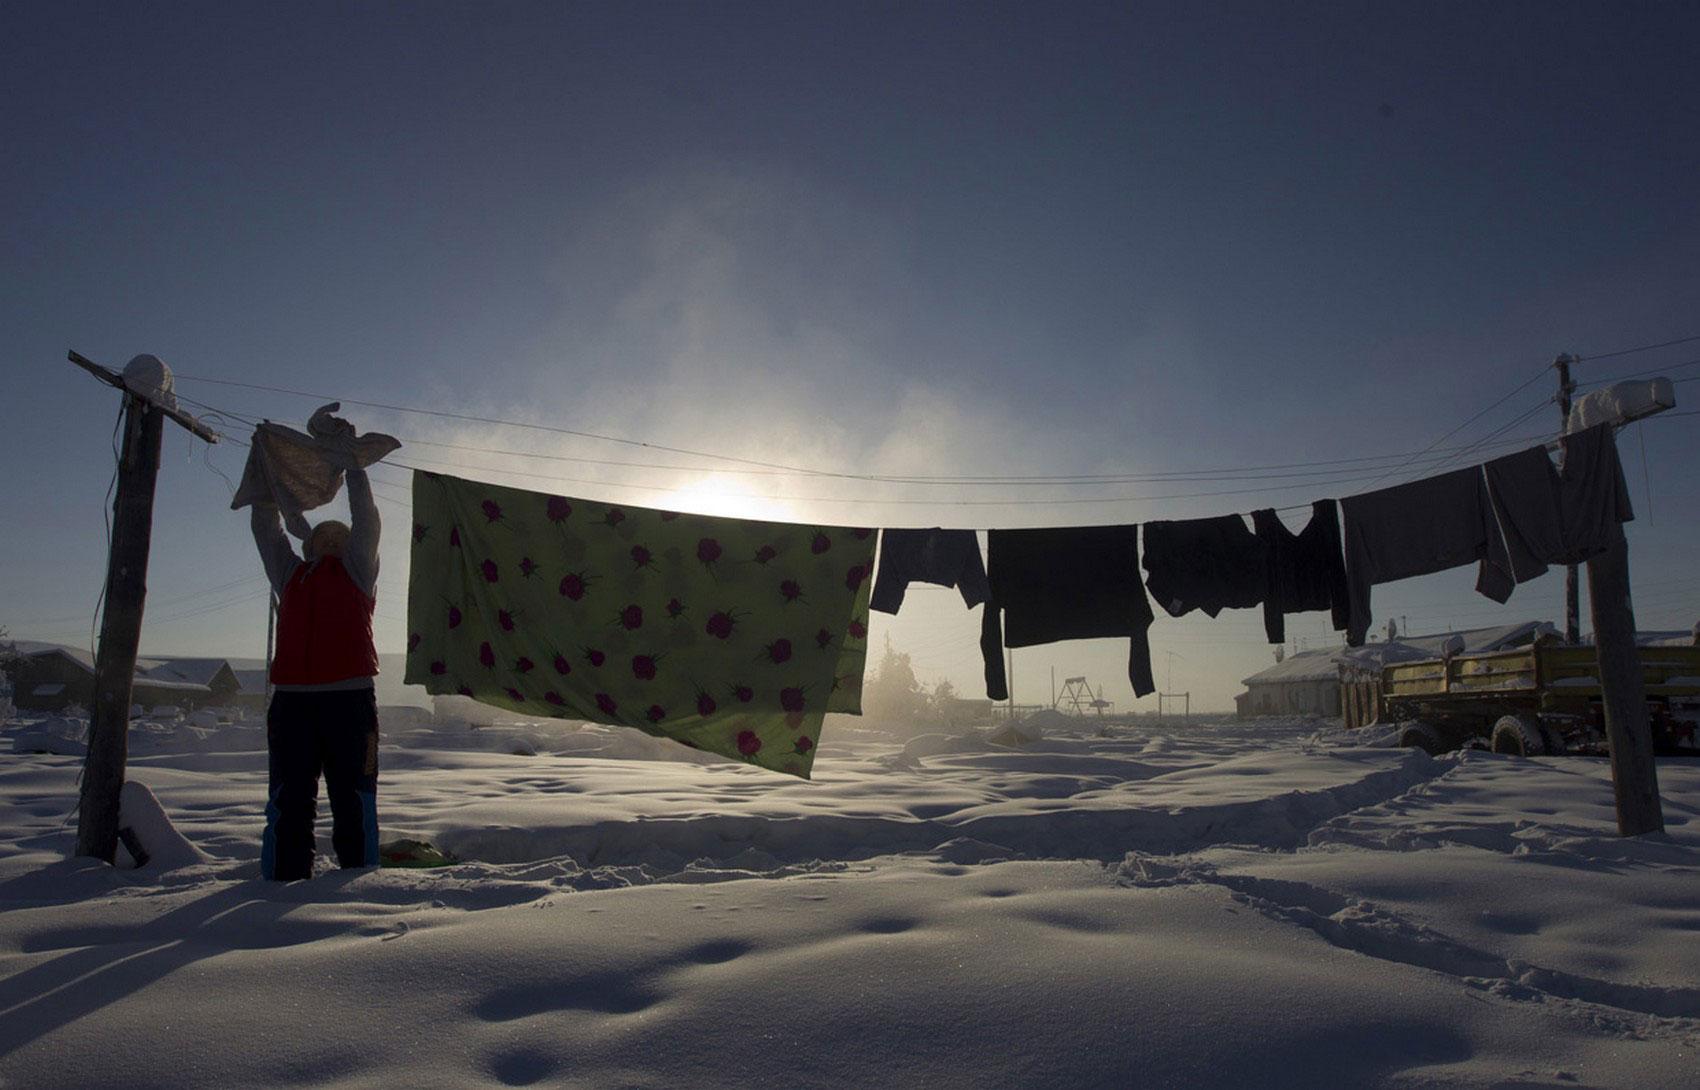 женщина вешает сушиться белье